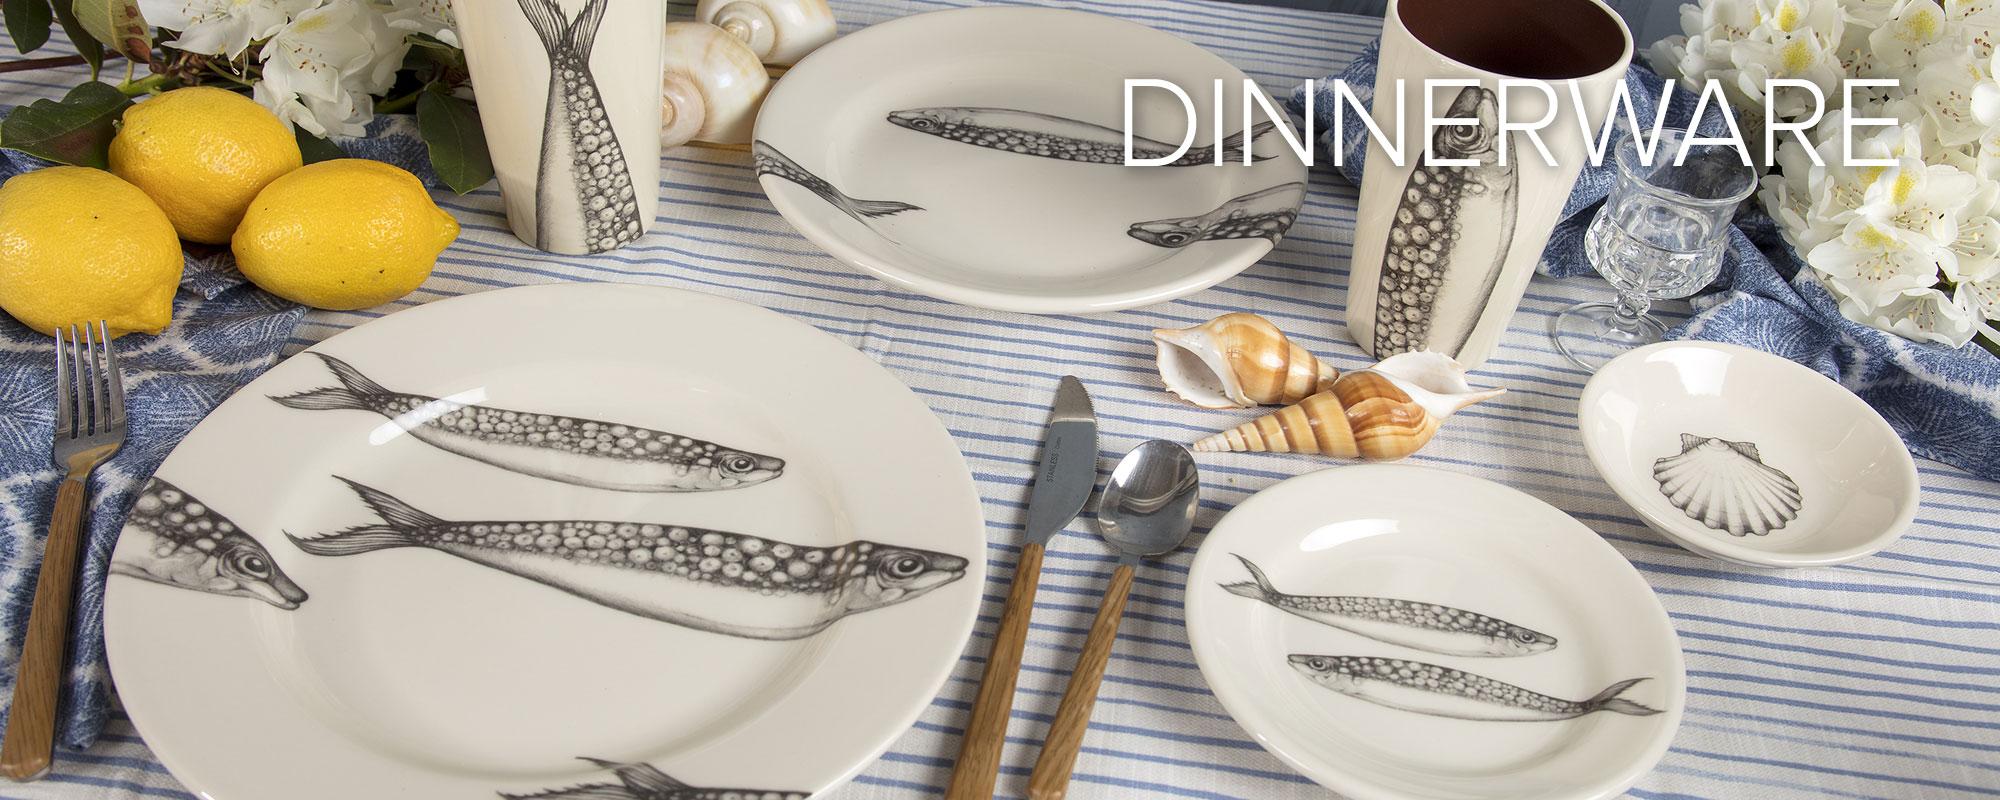 Dinnerware- Laura Zindel